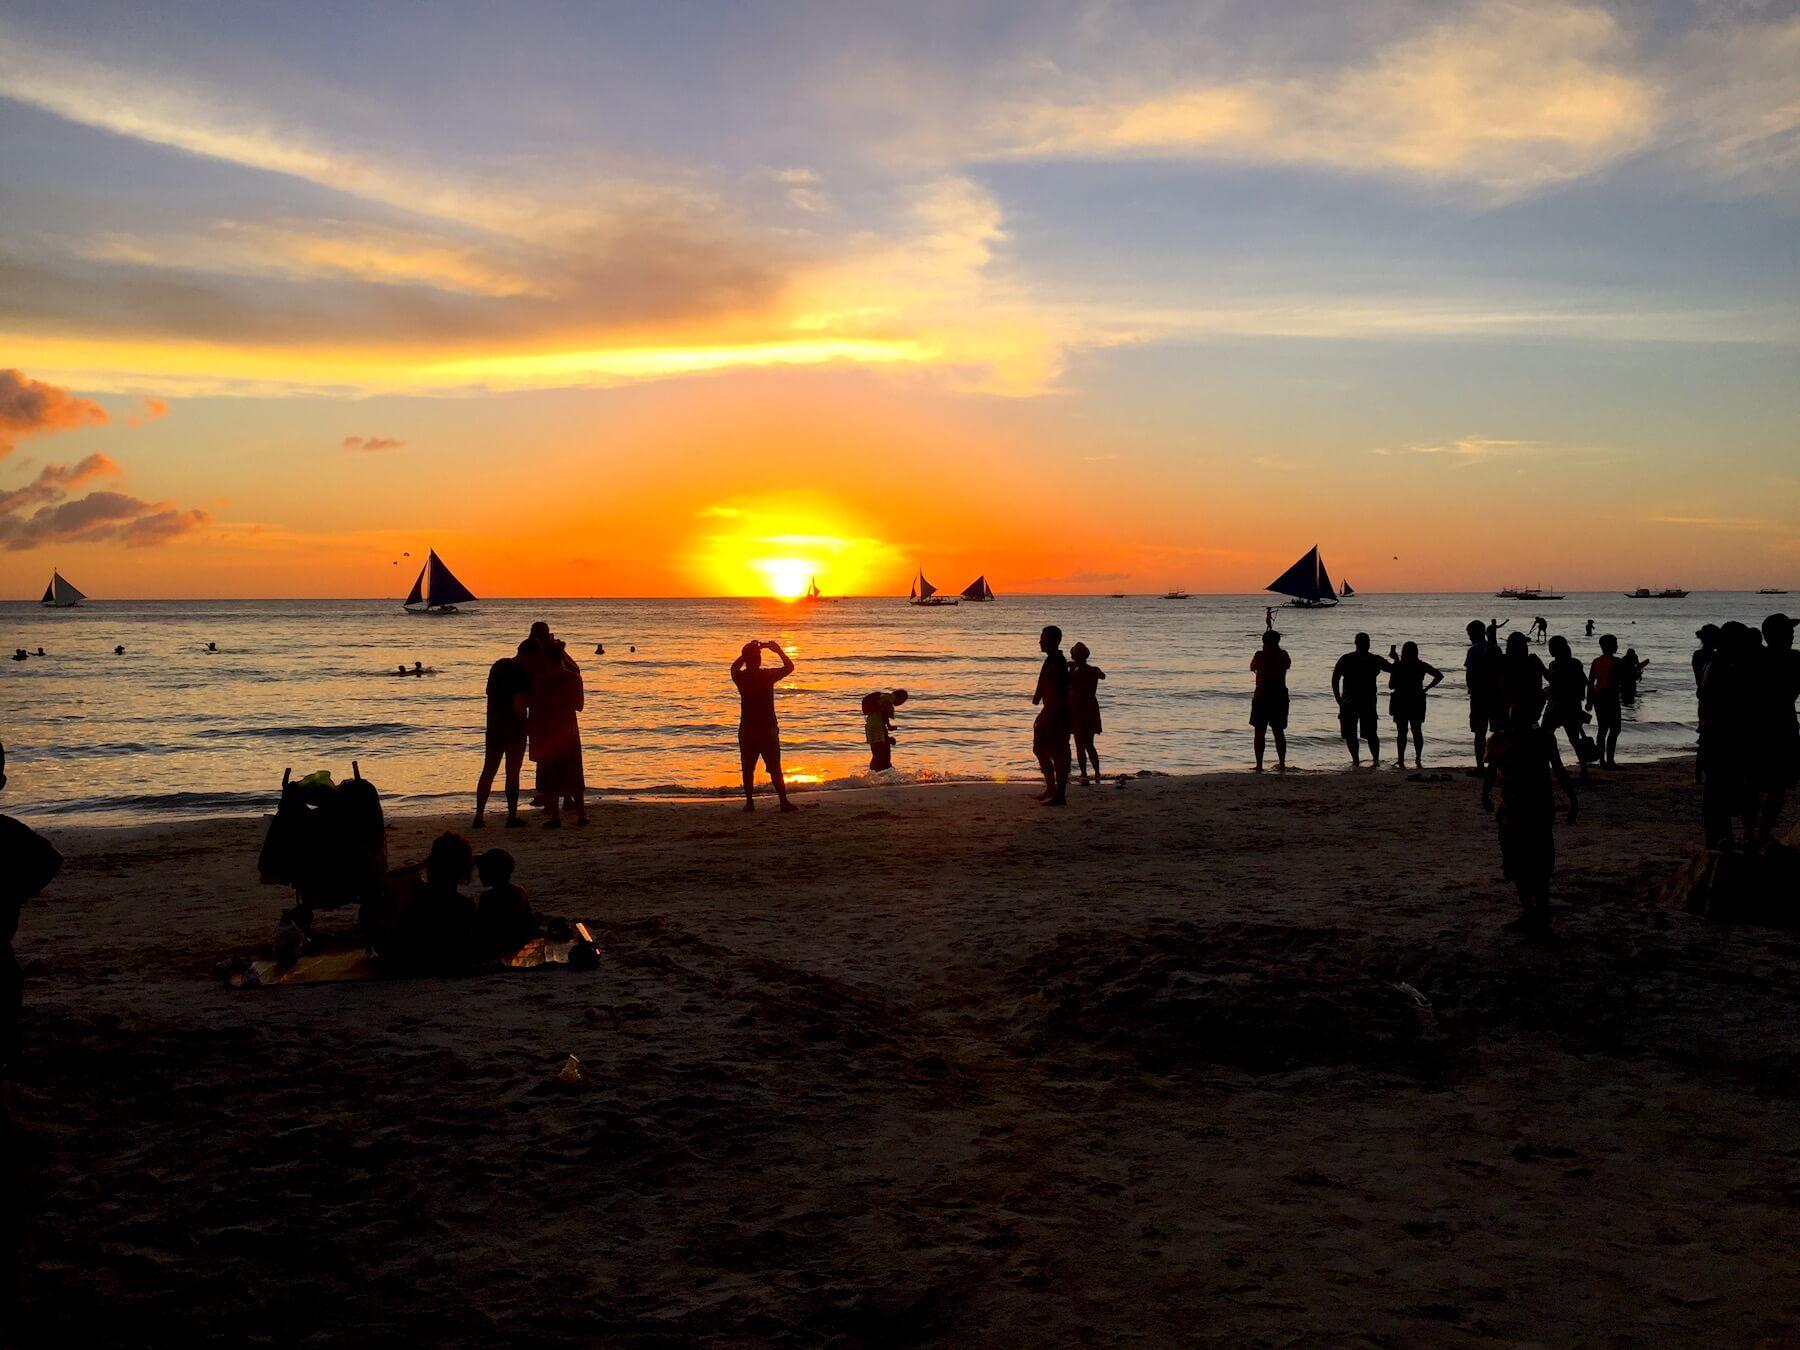 sunset-boracay-white-sand-beach